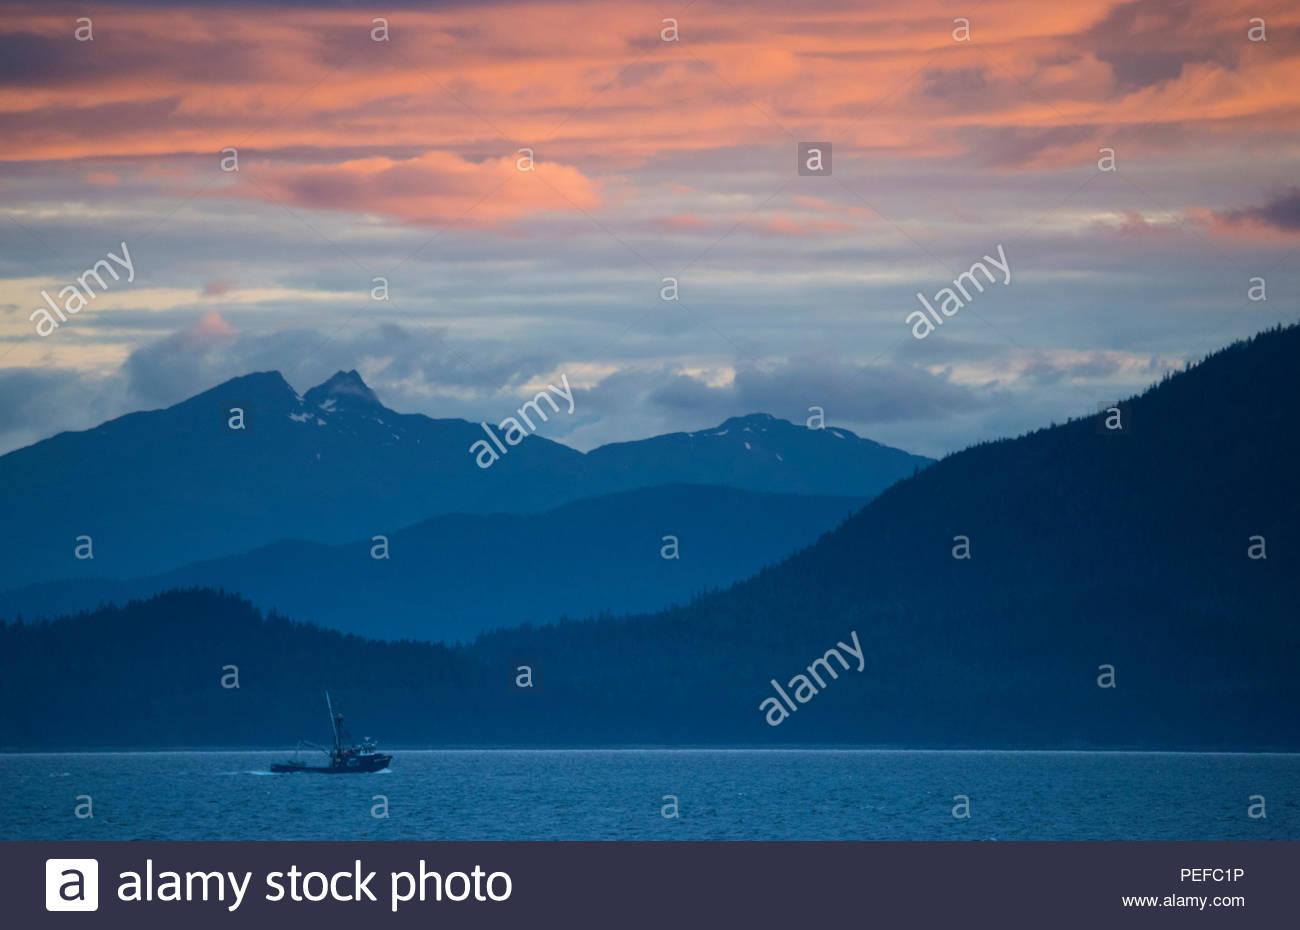 La pesca in barca al tramonto in Stephens passaggio. Foto Stock